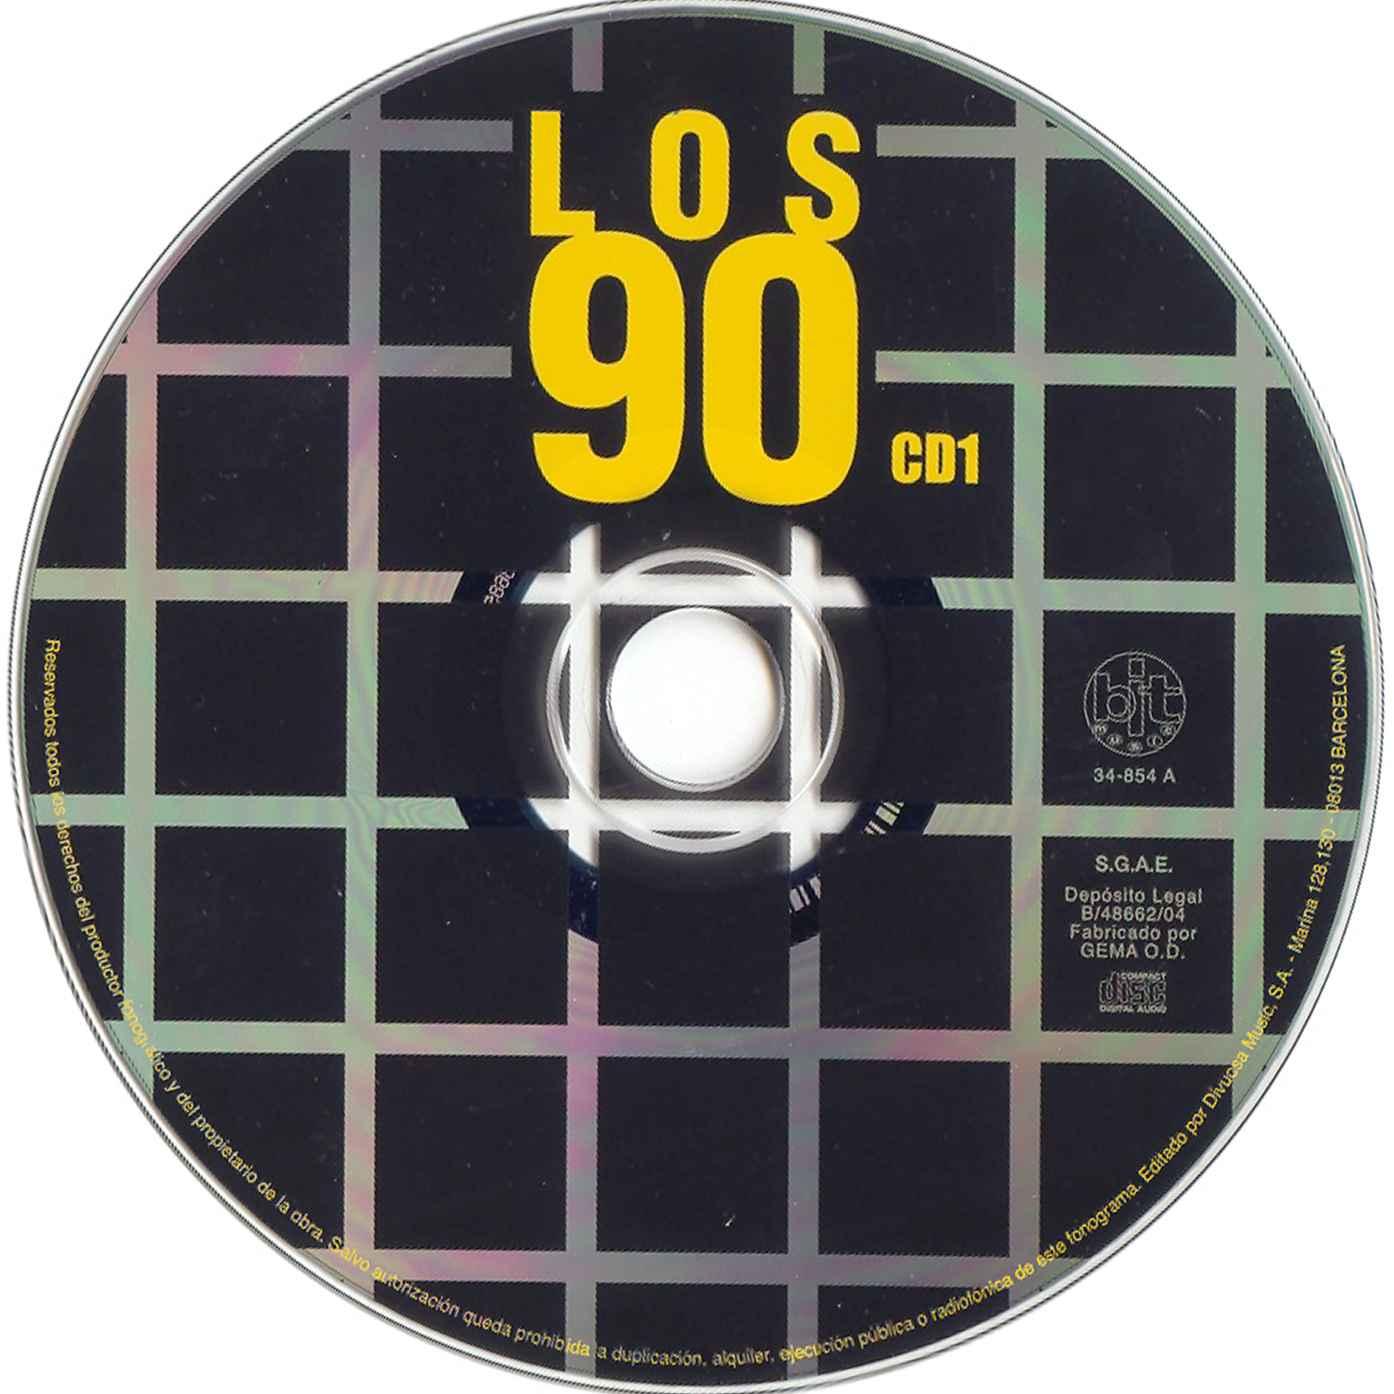 100 de los 90 musica: